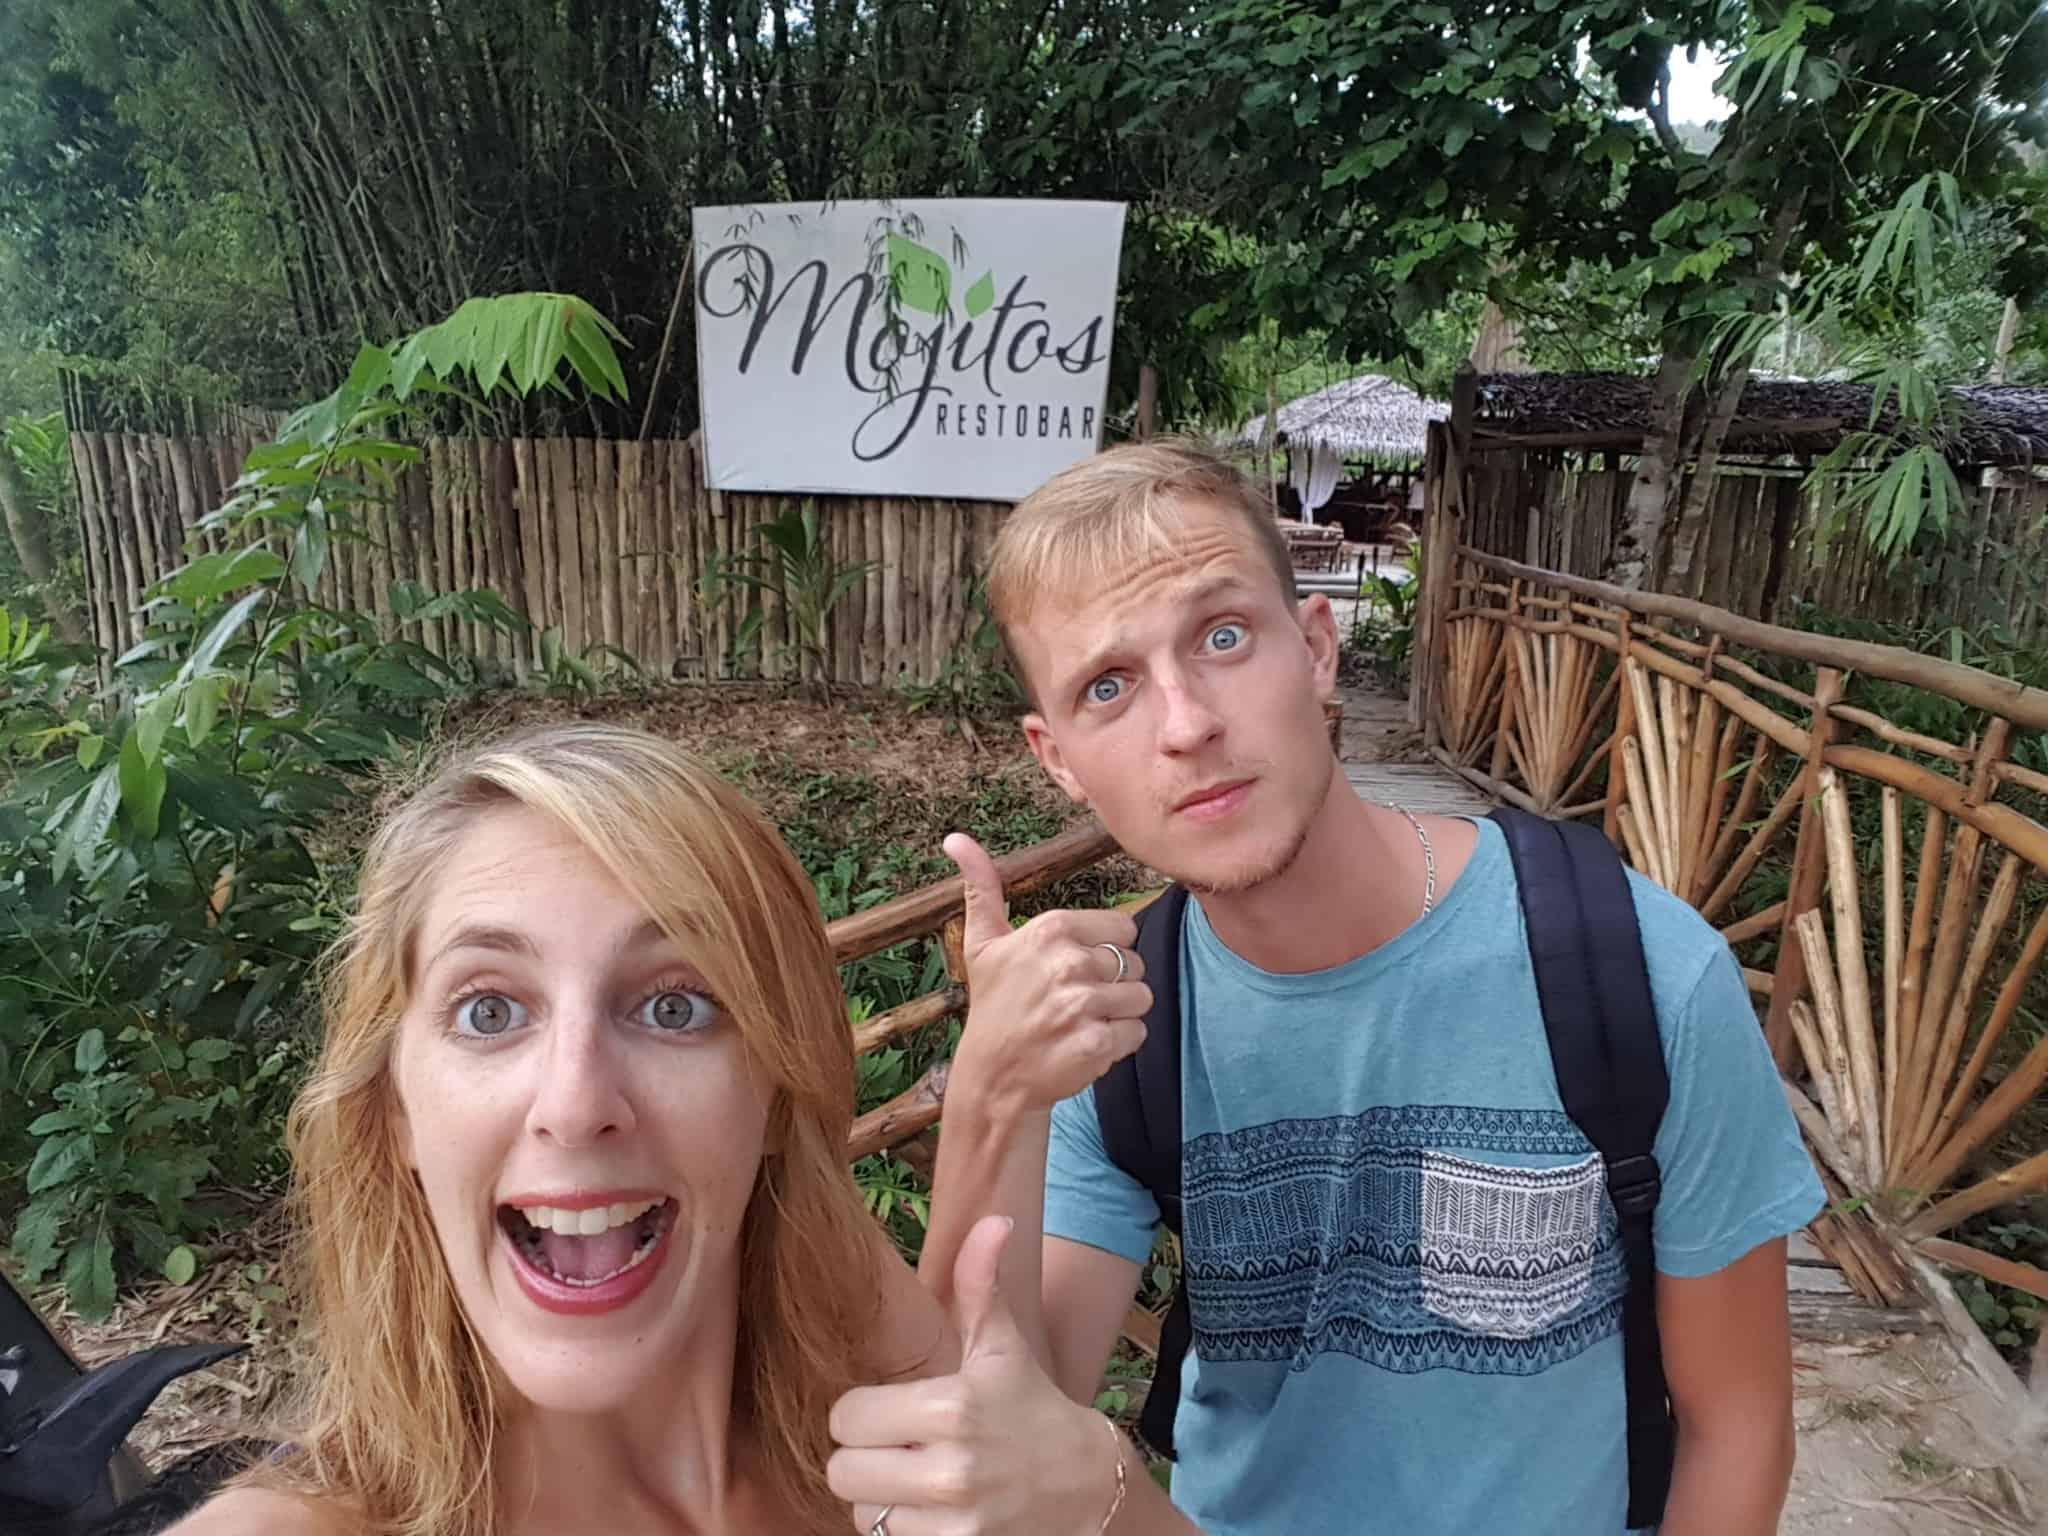 Philippines, comment je me suis retrouvée seule sur une île déserte 🧜♀️ 31